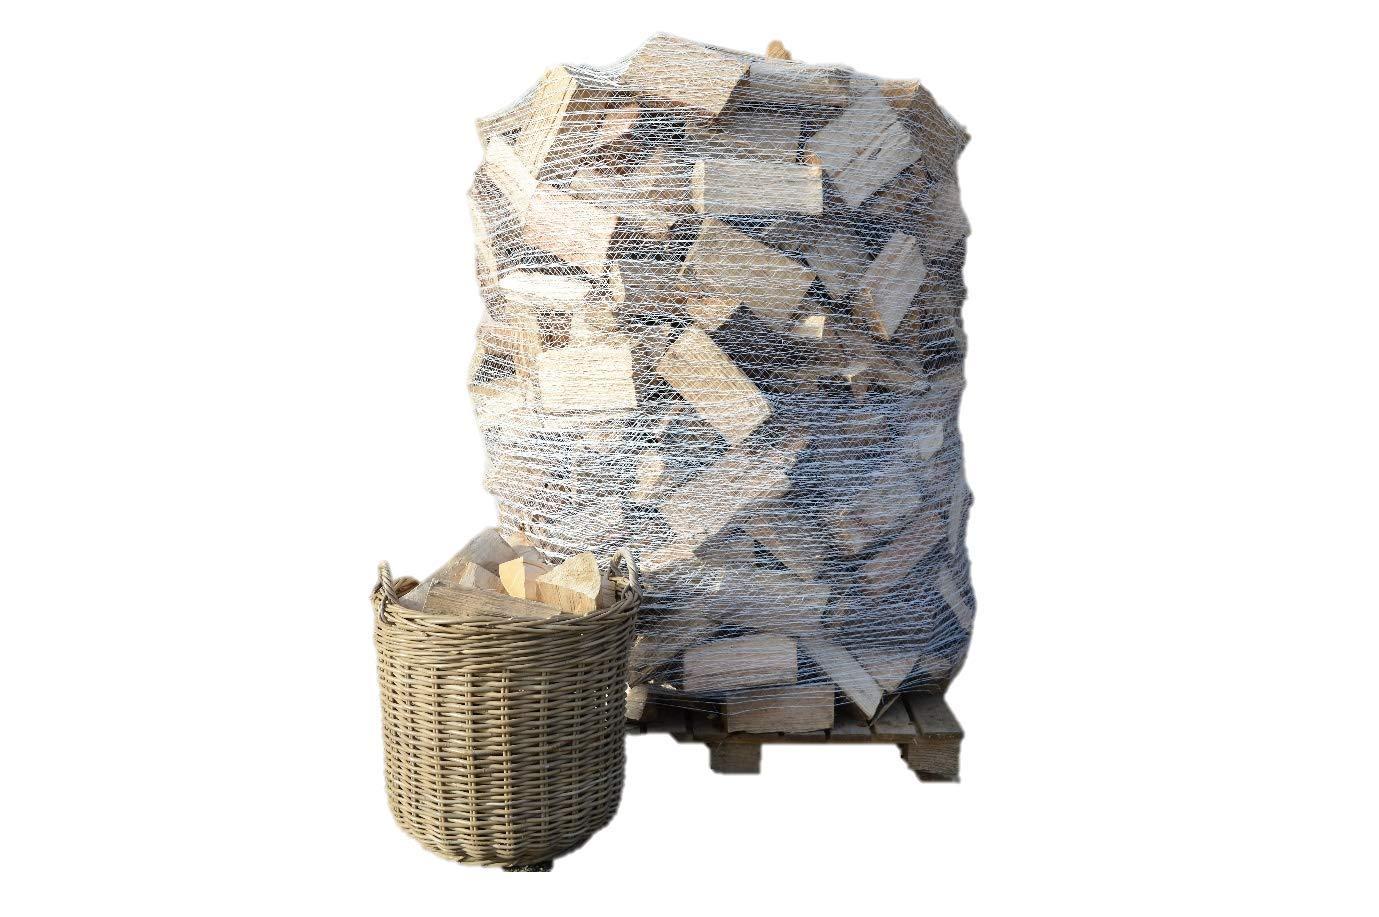 Madera de leña seca de 1,6m3 para estufas, quemadores de troncos, chimeneas y hogueras + 3 bolsas de chimenea: Amazon.es: Industria, empresas y ciencia